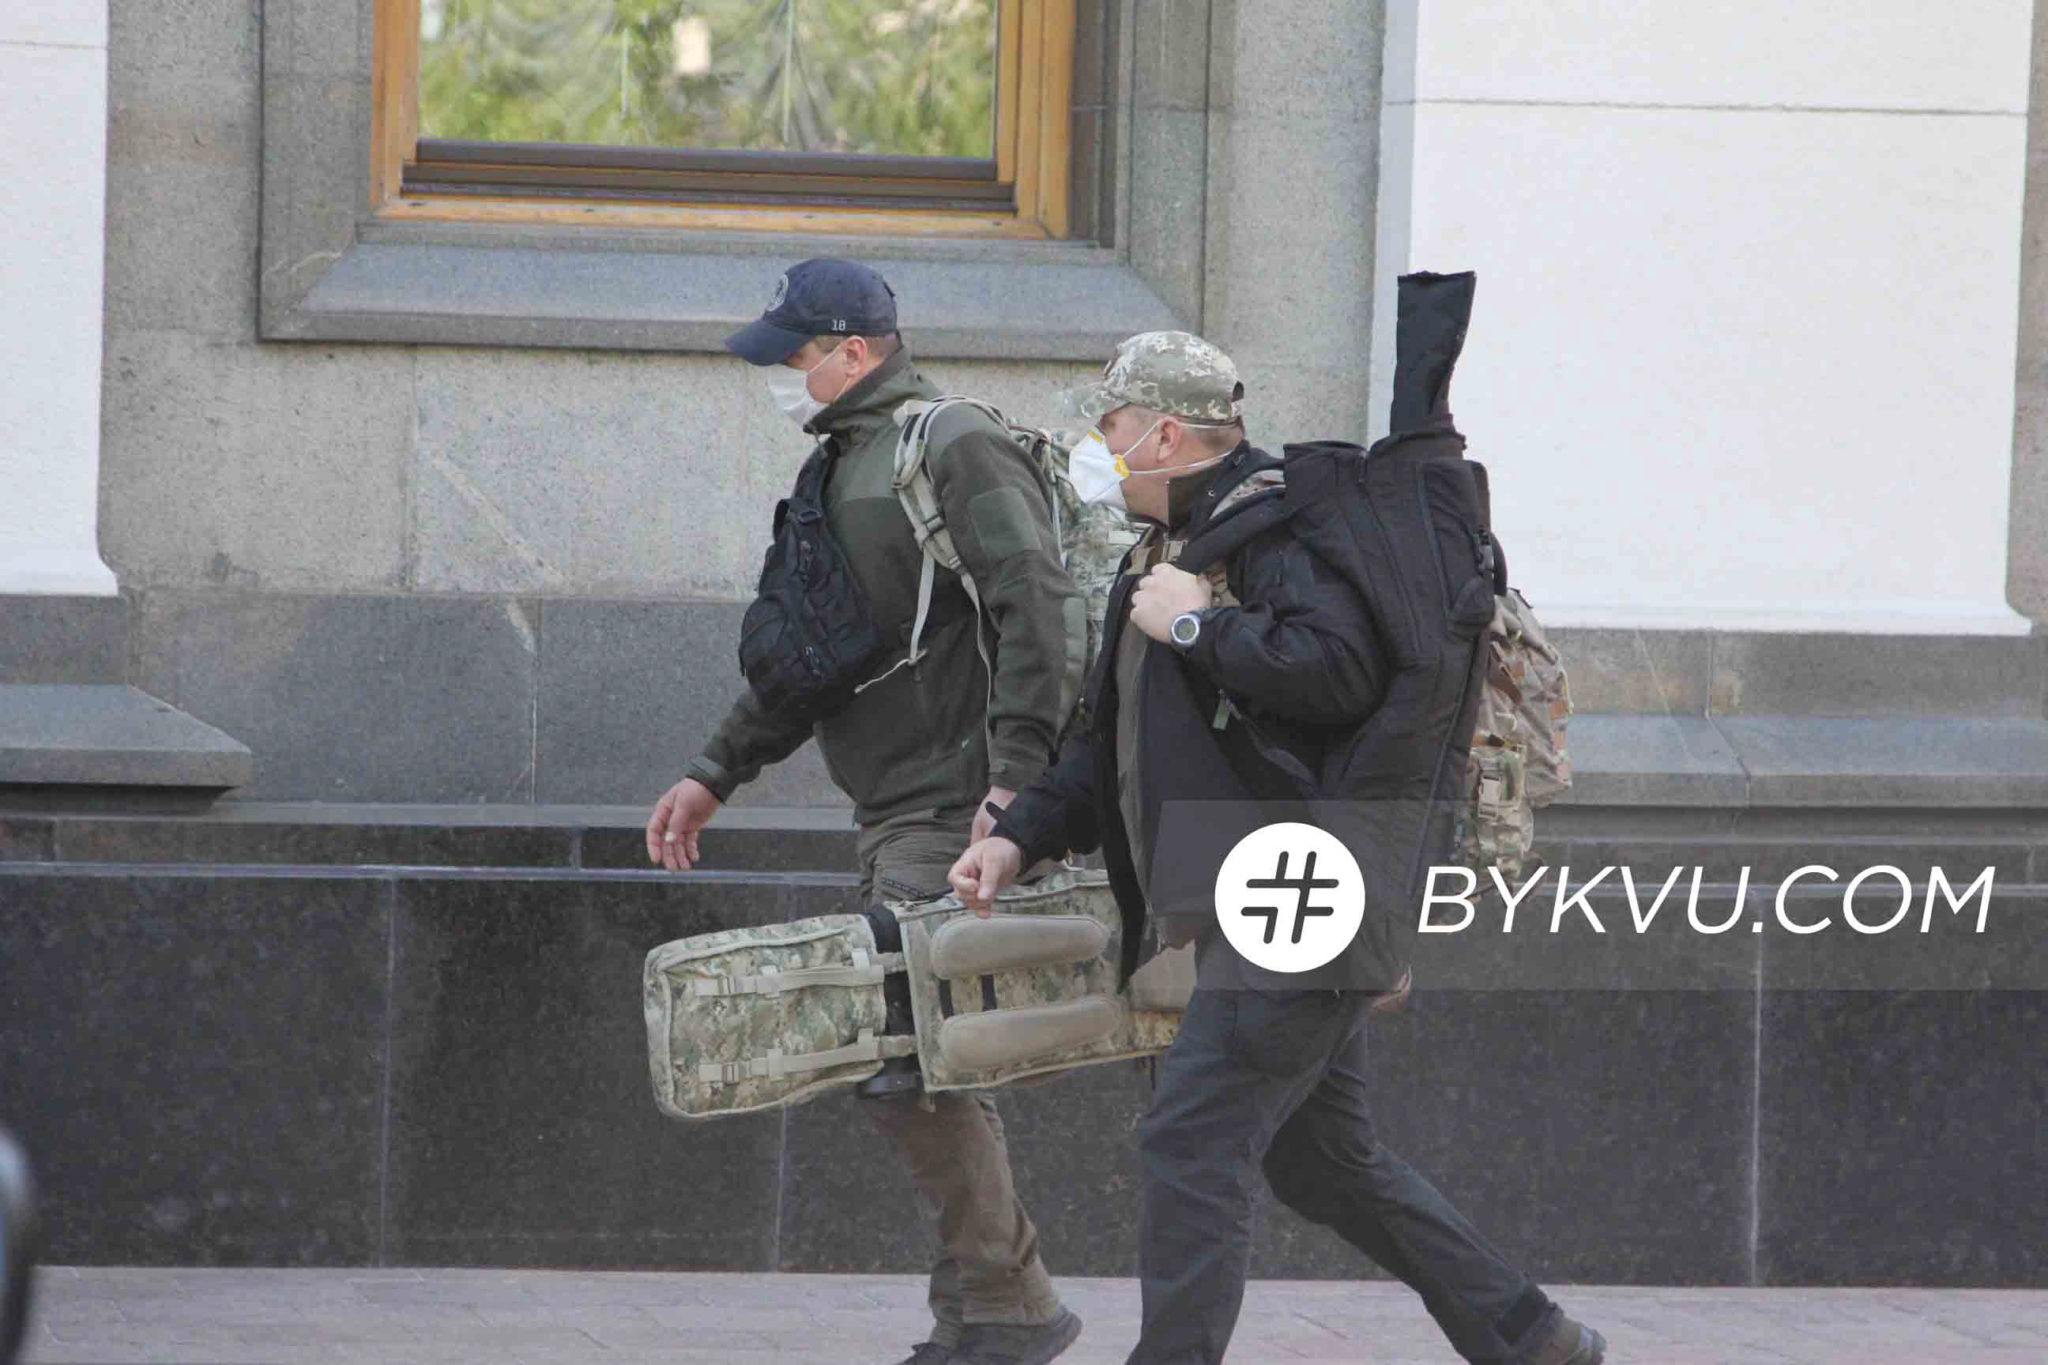 Рада_13 мая_вооруженные люди